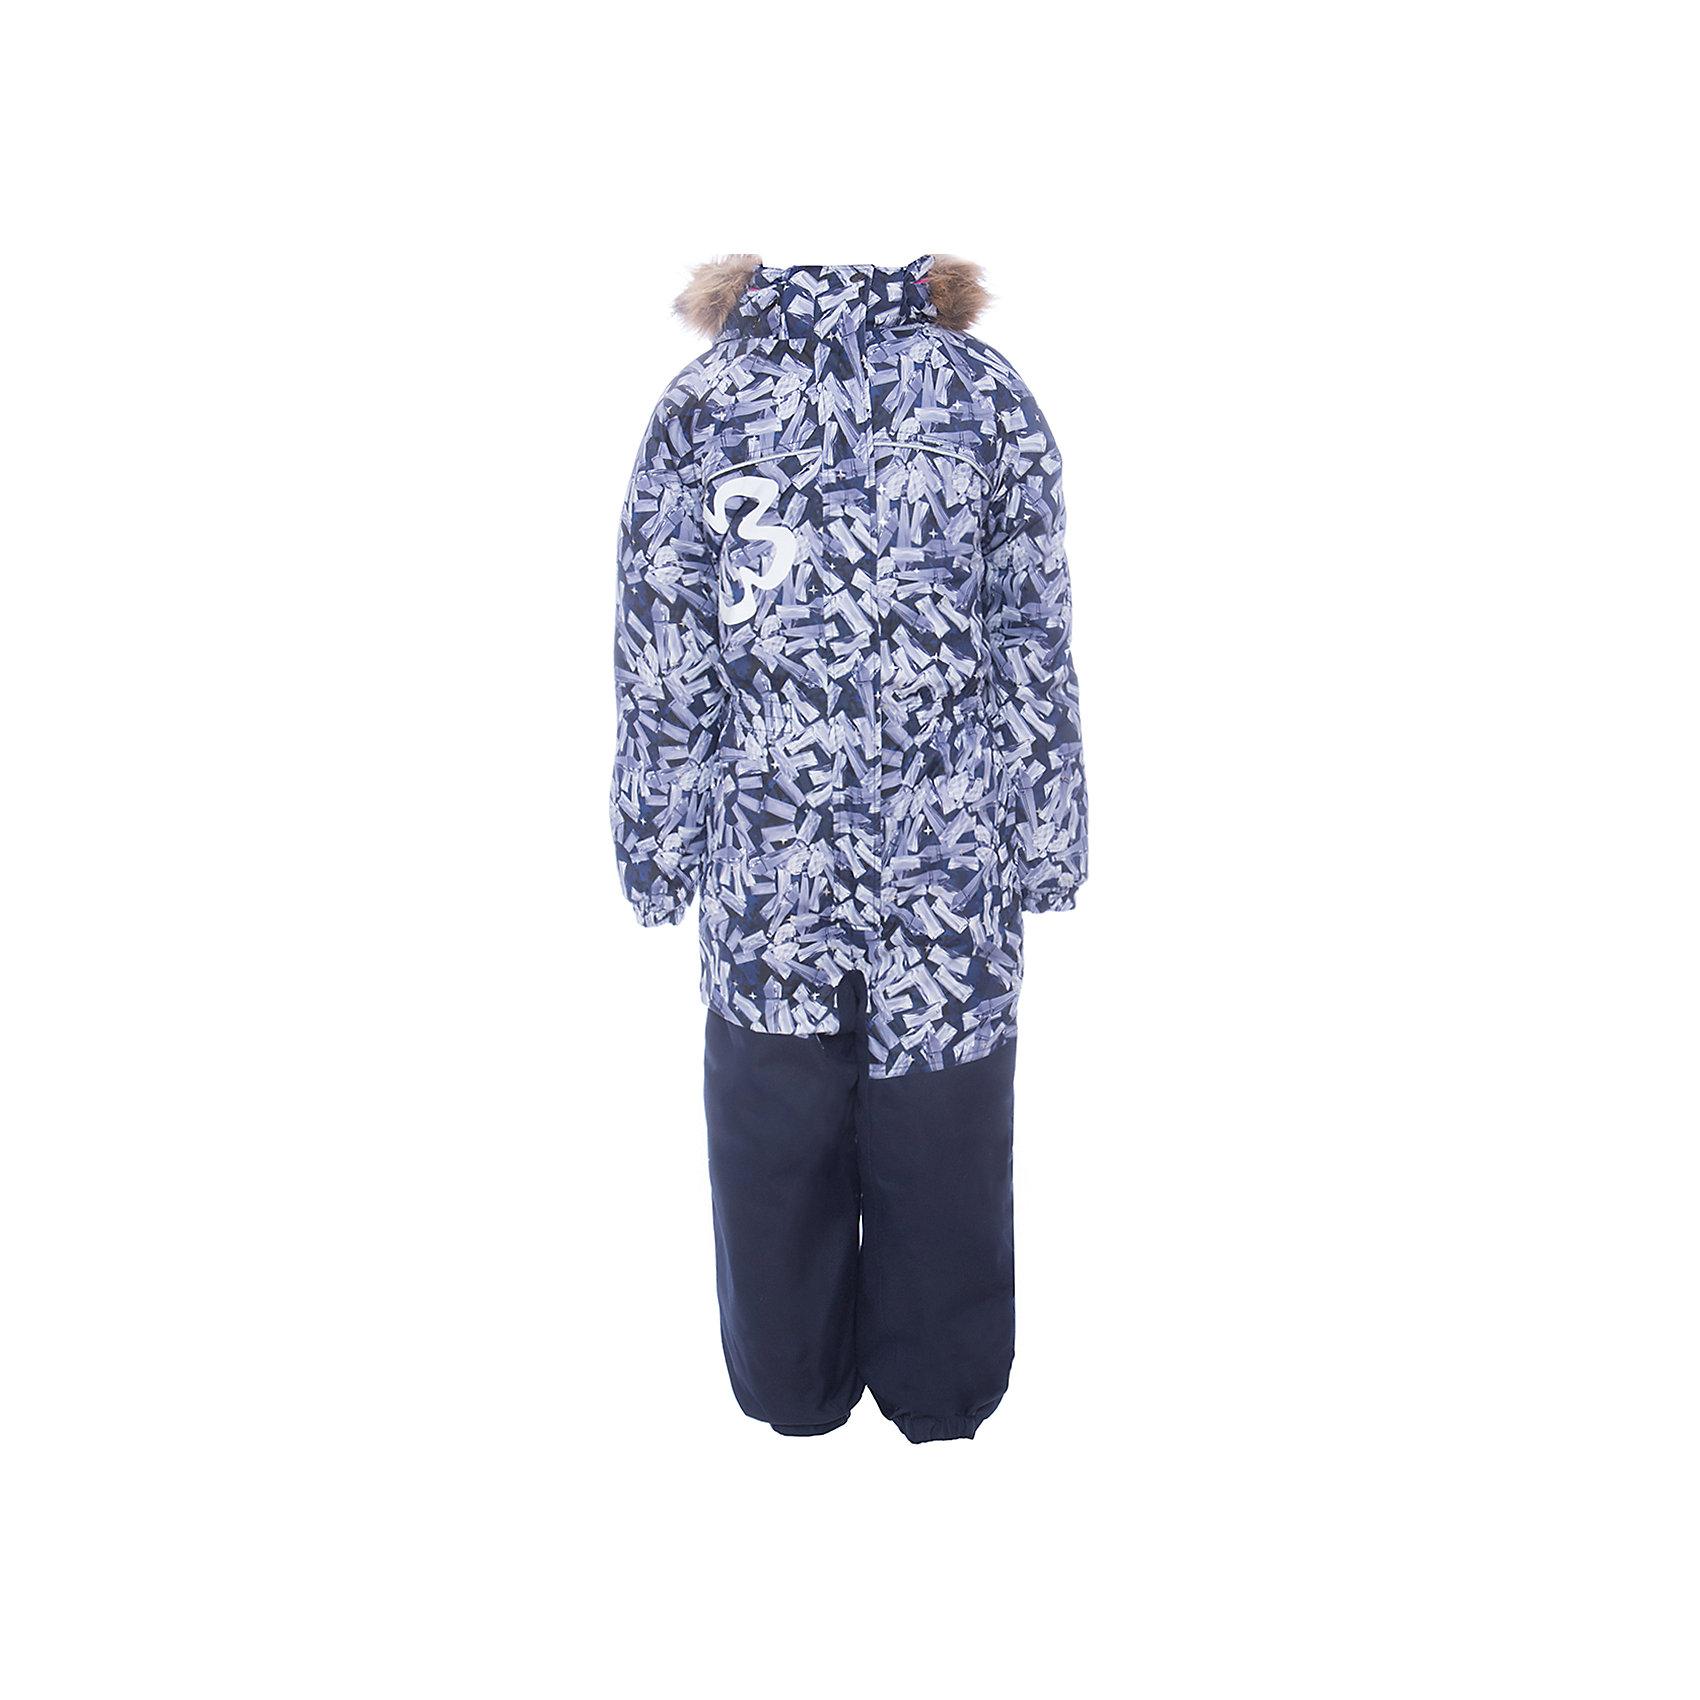 Комбинезон CHLOE 1 Huppa для девочкиВерхняя одежда<br>Характеристики товара:<br><br>• модель: Chloe 1;<br>• цвет: черный,принт ;<br>• пол: девочка ;<br>• состав: 100% полиэстер;<br>• утеплитель: полиэстер, 300 гр.;<br>• подкладка: тафта/флис;<br>• сезон: зима;<br>• температурный режим: от -5 до - 30С;<br>• водонепроницаемость: 5000 вверх/10000 низ мм;<br>• воздухопроницаемость: 5000 вверх/ 10000 низ г/м2/24ч;<br>• водо- и ветронепроницаемый, дышащий и грязеотталкивающий материал;<br>• особенности модели: c рисунком, с мехом;<br>• капюшон для большего удобства крепится на кнопки и, при необходимости, отстегивается;<br>• искусственный мех на капюшоне съемный ;<br>• сиденье и нижний край брючины выполнены из очень прочной ткани Cordura;<br>• cидельный шов, внутренние и боковые швы проклеены и не пропускают влагу;<br>• светоотражающих элементов для безопасности ребенка;<br>• внутренний и боковые карманы застегиваются на молнию;<br>• манжеты брюк и рукавов эластичные, на резинках;<br>• съемные силиконовые штрипки;<br>• страна бренда: Финляндия;<br>• страна изготовитель: Эстония.<br><br>Комбинезон Chloe 1 для девочки водо и воздухонепроницаемый. Важный критерий при выборе комбинезона для девочки - это количество утеплителя, ведь малыши еще малоподвижны, поэтому комбинезон должен быть теплым. В модели Chloe 1 300 грамм утеплителя, которые обеспечат тепло и комфорт ребенку при температуре от -5 до -30 градусов. Подкладка — тафта/флис. <br><br>Функциональные элемент: капюшон отстегивается с помощью кнопок, мех отстегивается, все карманы на молнии, манжеты на резинке, съемные силиконовые штрипки, светоотражающие элементы.<br><br>Комбинезон  Chloe 1  для девочки Huppa (Хуппа) можно купить в нашем интернет-магазине.<br><br>Ширина мм: 356<br>Глубина мм: 10<br>Высота мм: 245<br>Вес г: 519<br>Цвет: черный<br>Возраст от месяцев: 72<br>Возраст до месяцев: 84<br>Пол: Женский<br>Возраст: Детский<br>Размер: 122,128,134,92,98,104,110,116<br>SKU: 7024517